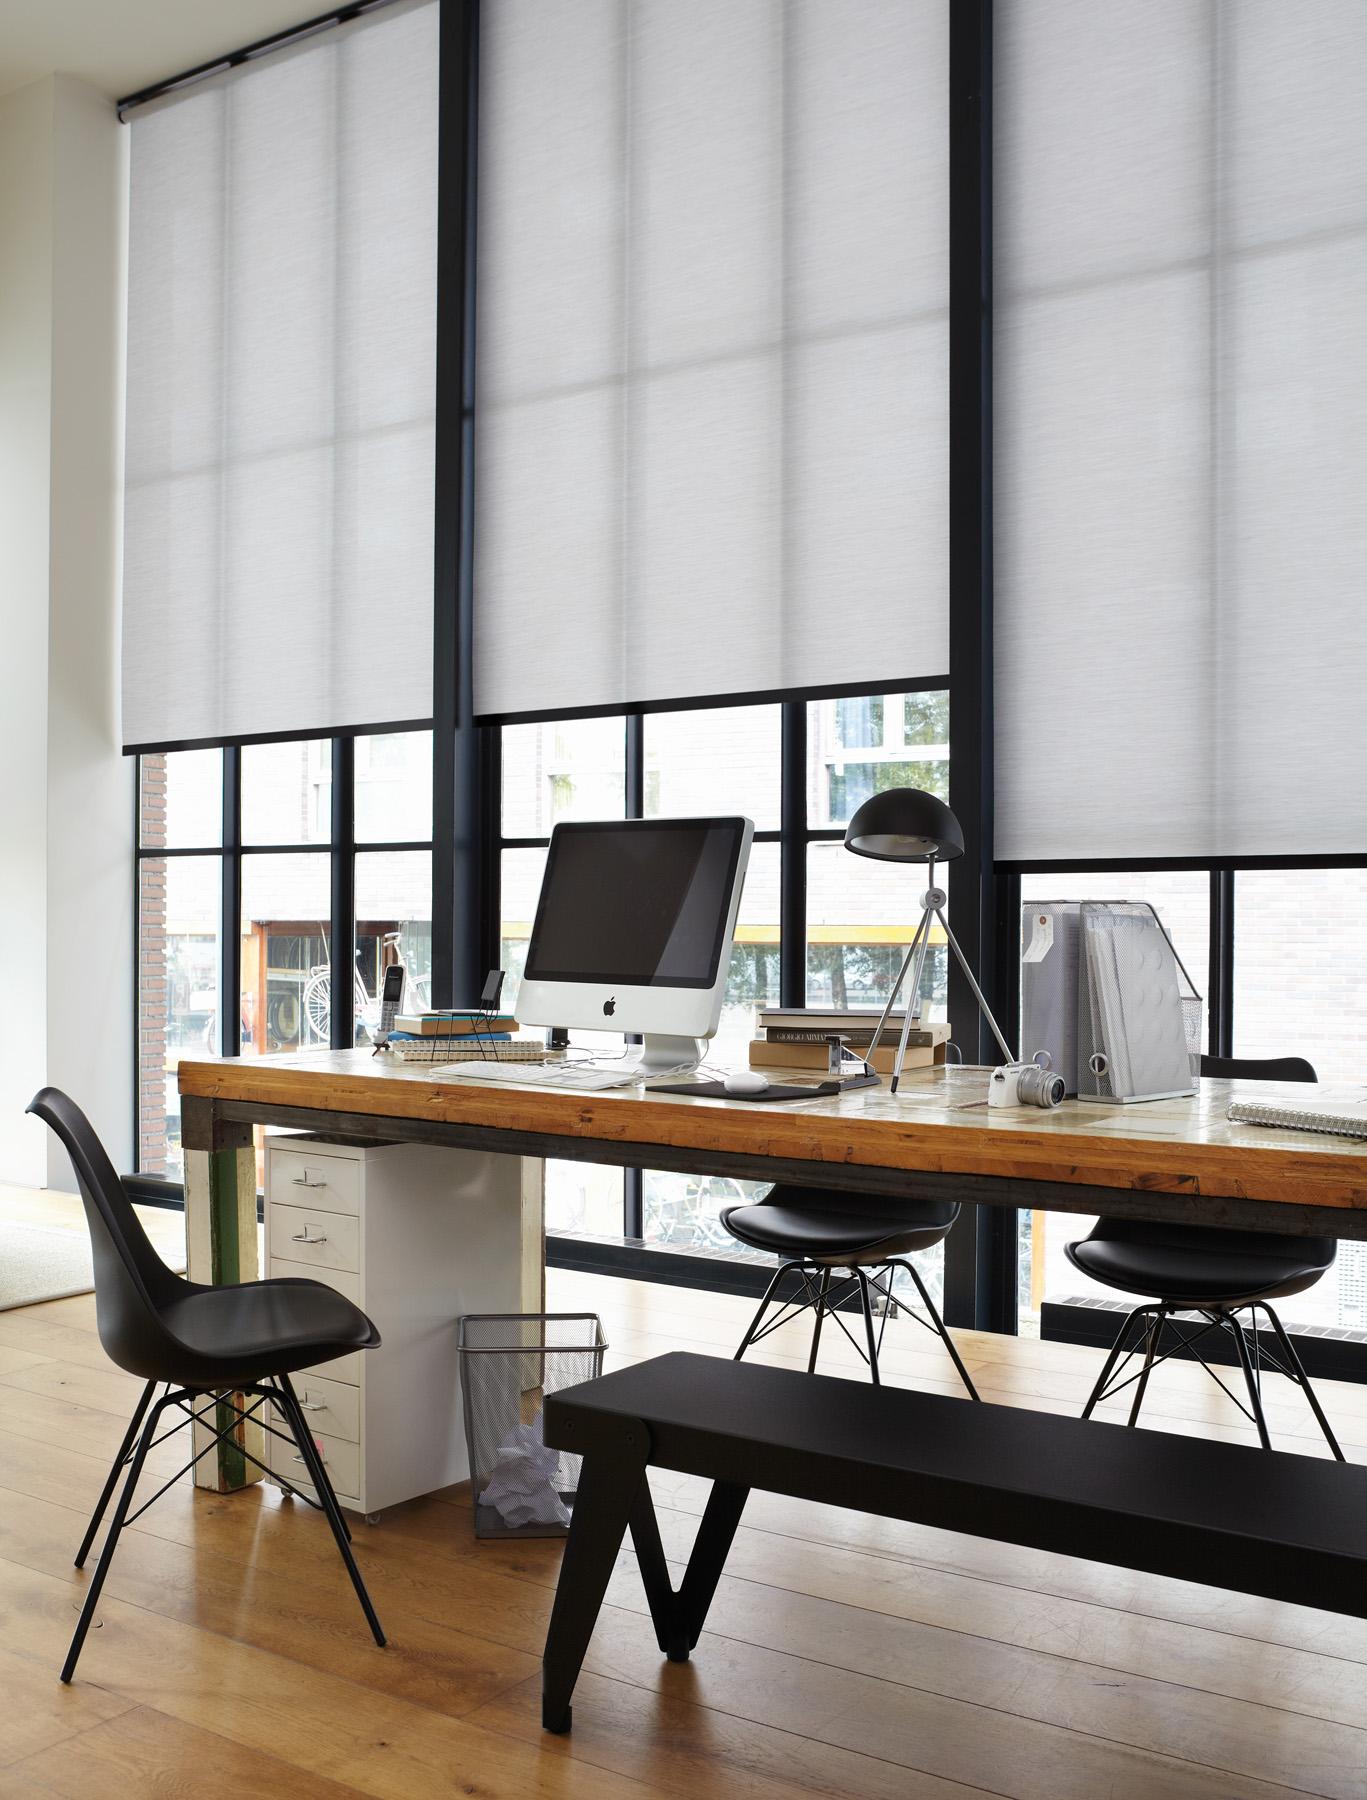 Style industriel : de grands stores rouleaux blancs devant de sbaies vitrées créent un espace bureau inspirant.